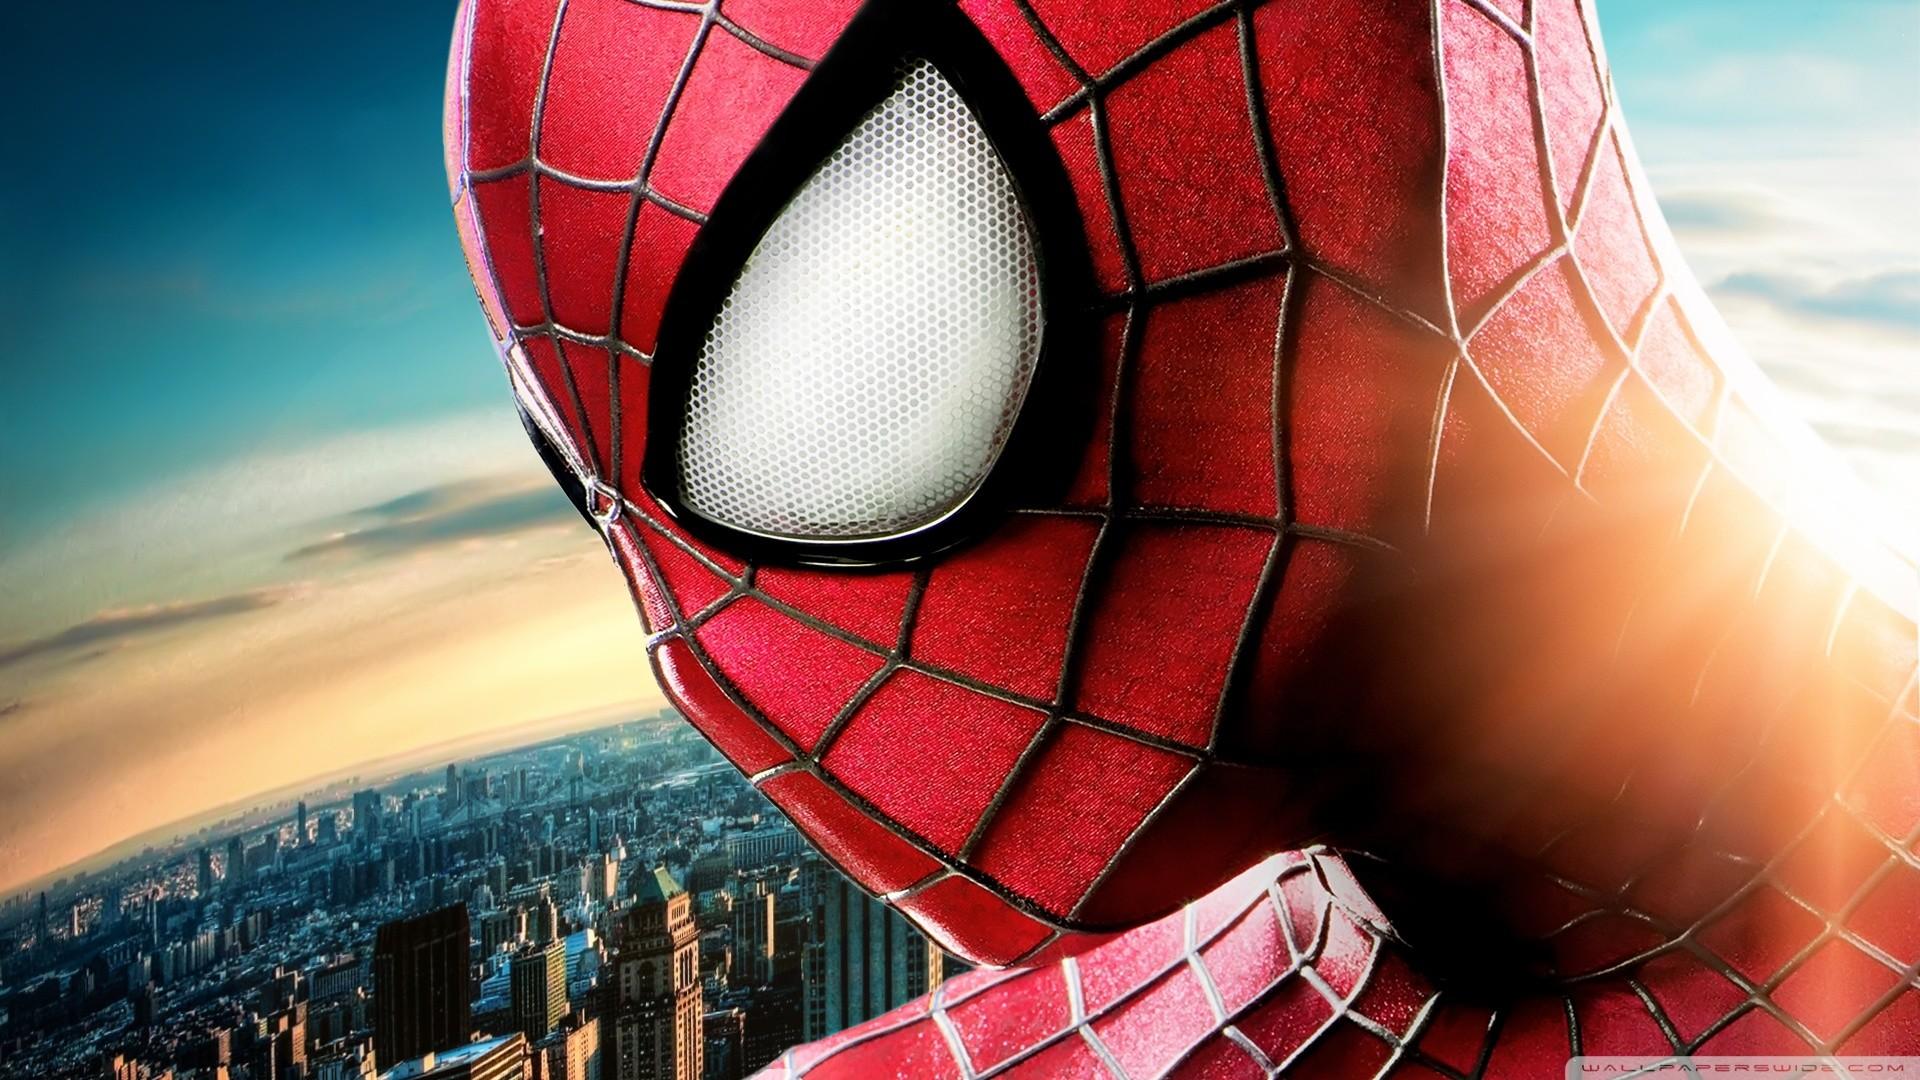 Ảnh người nhện